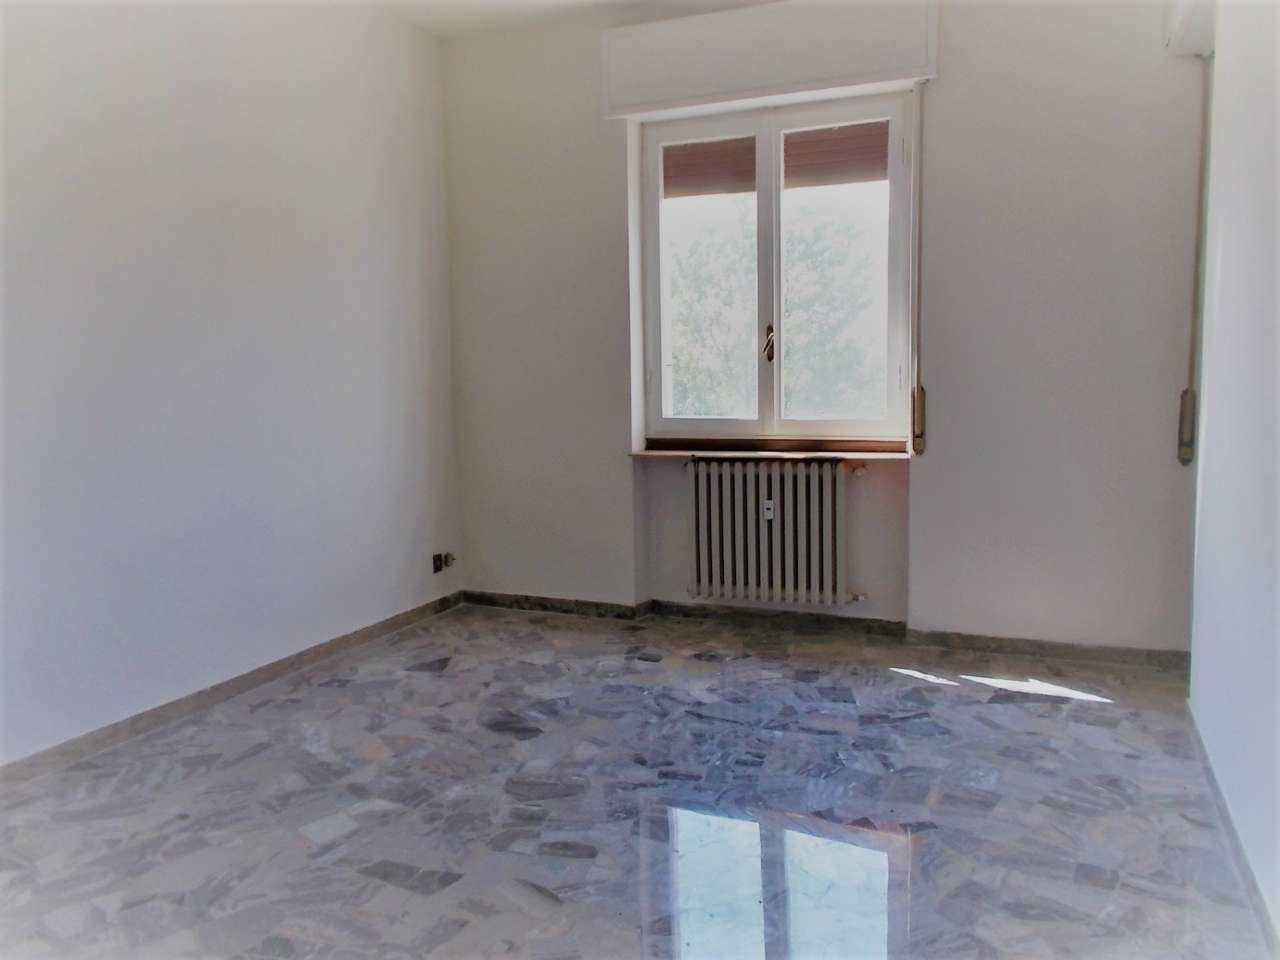 Appartamento in vendita a Bellusco, 2 locali, prezzo € 78.000 | CambioCasa.it